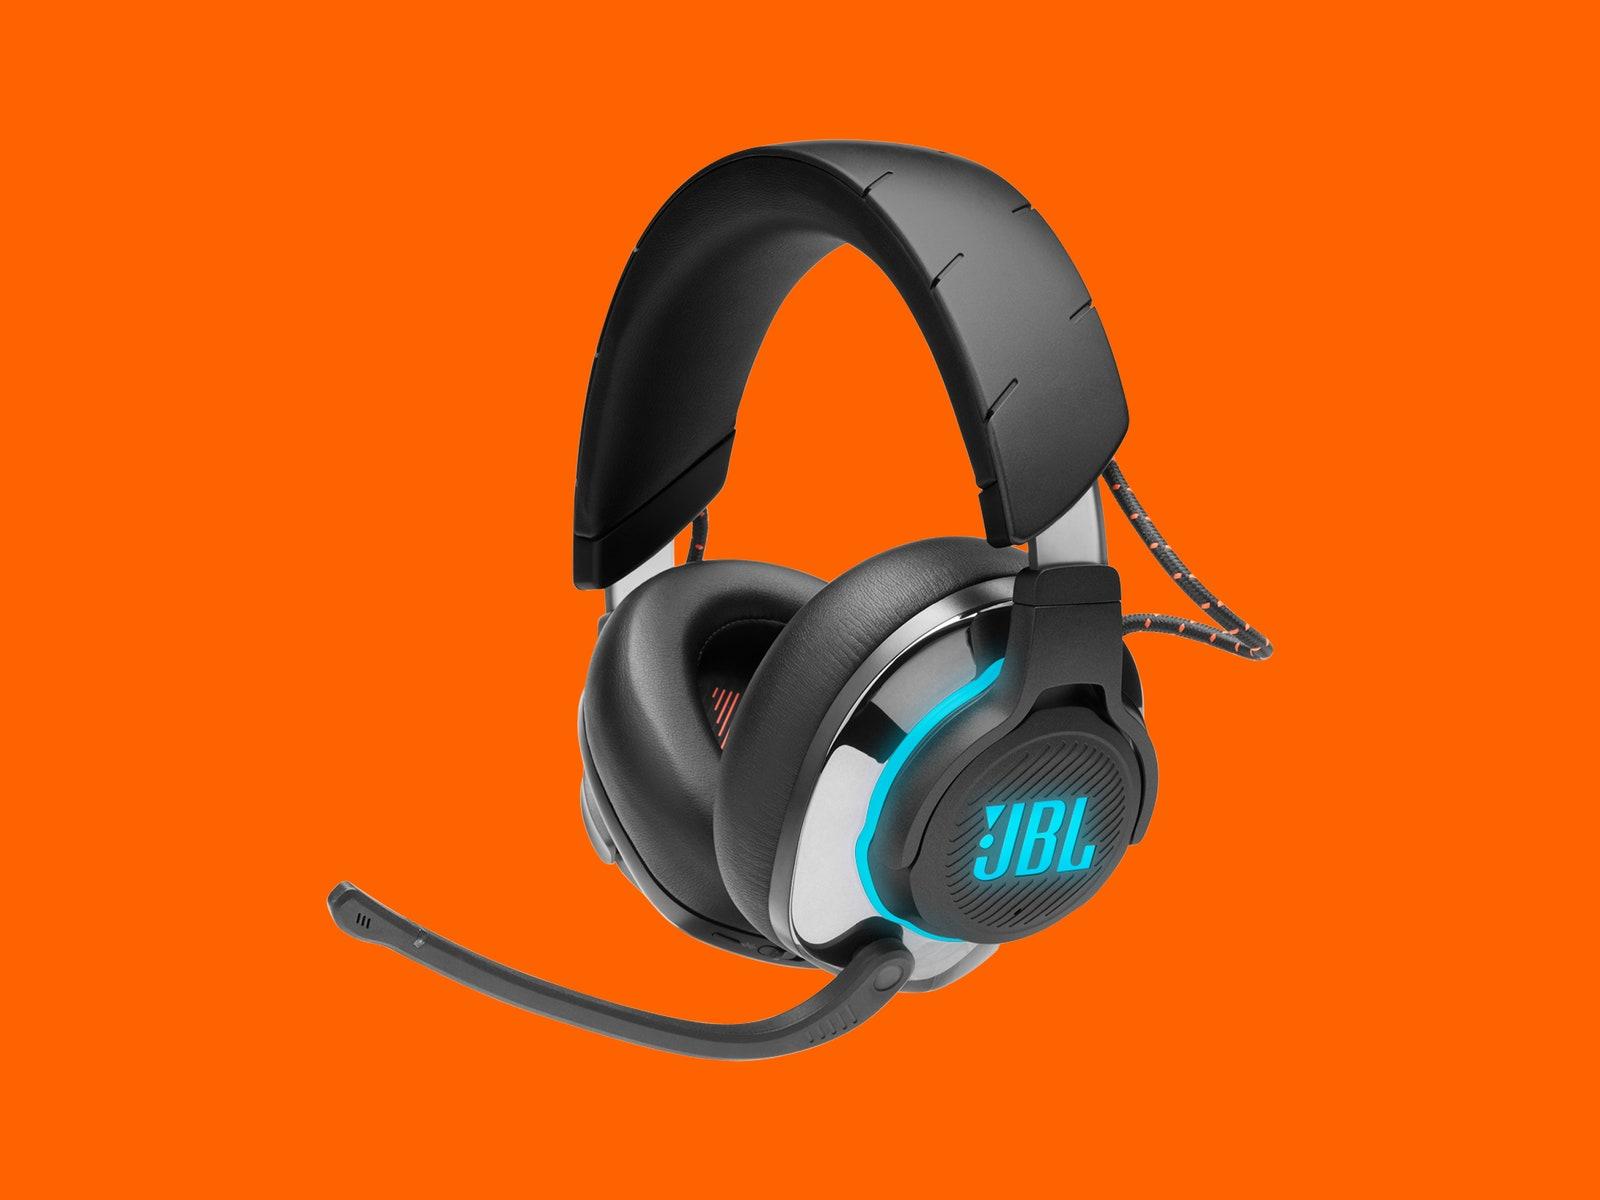 JBL Quantum 800 headset